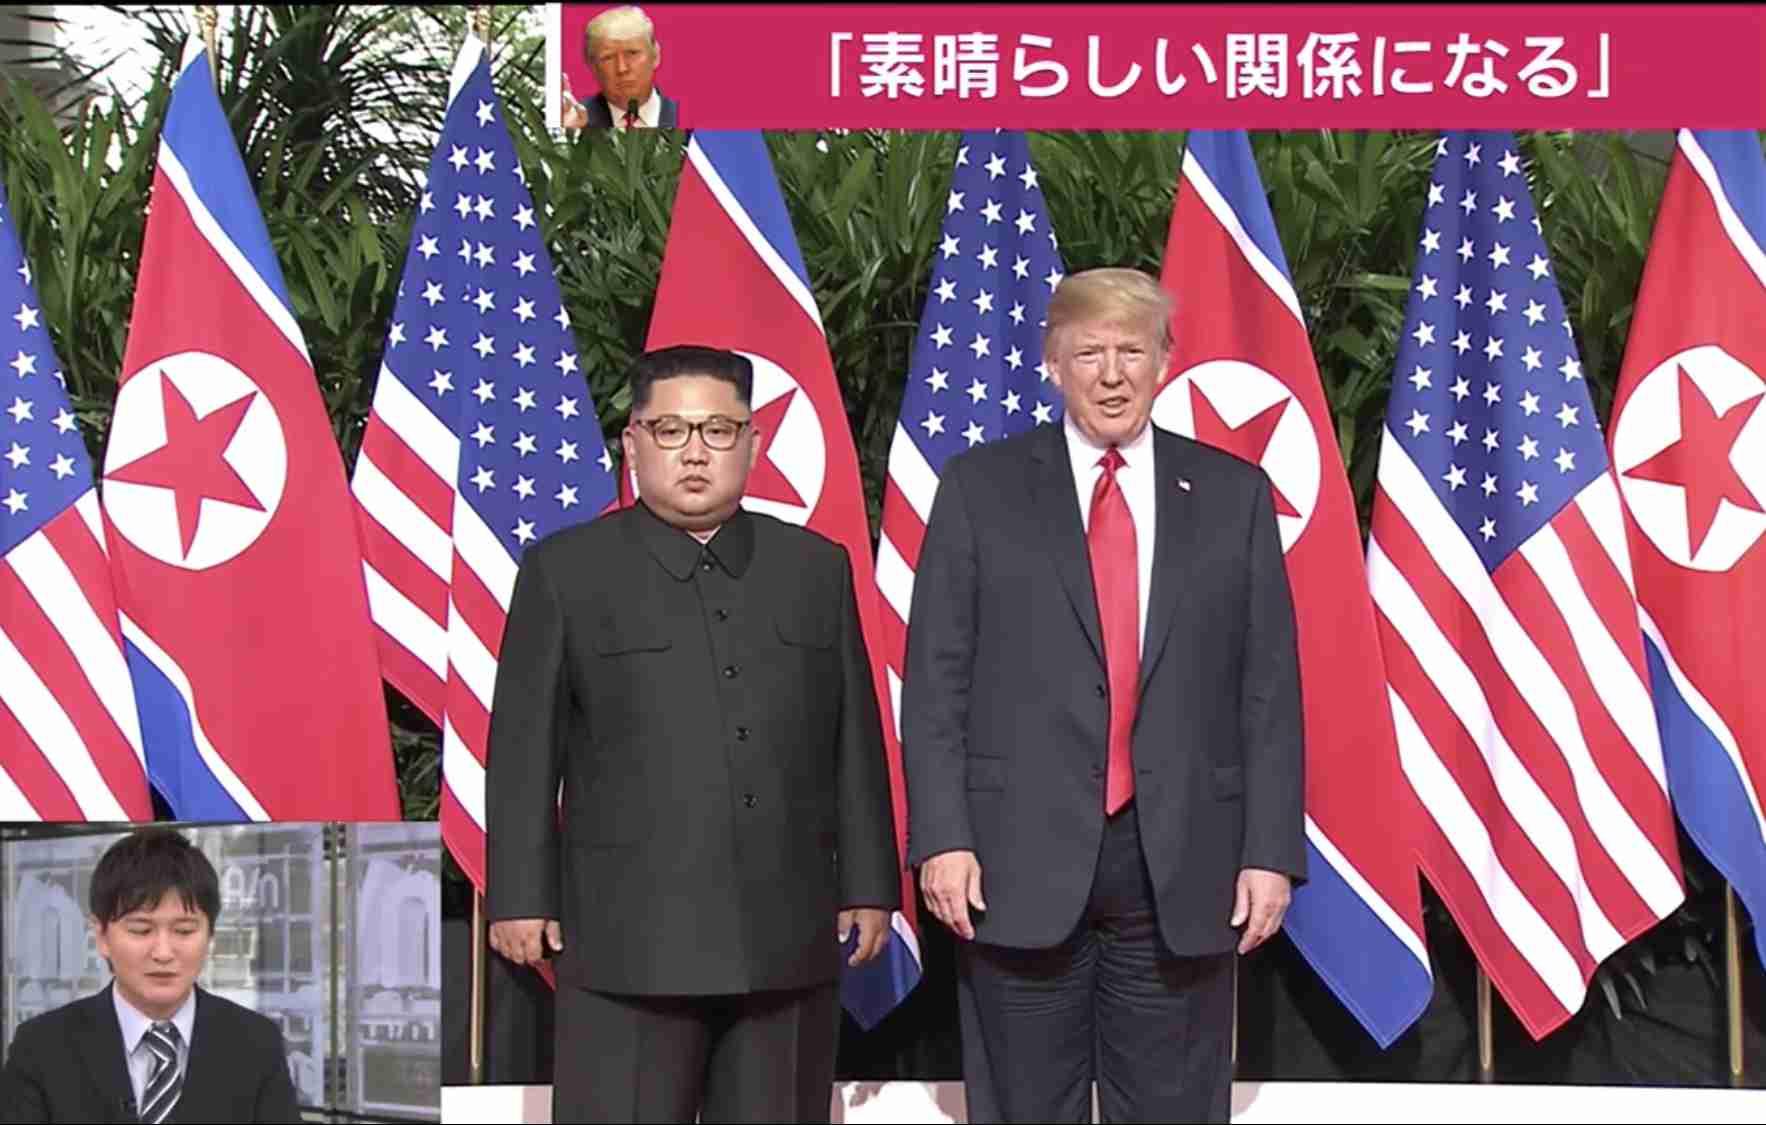 キム委員長もホテル出発 米朝首脳会談へ